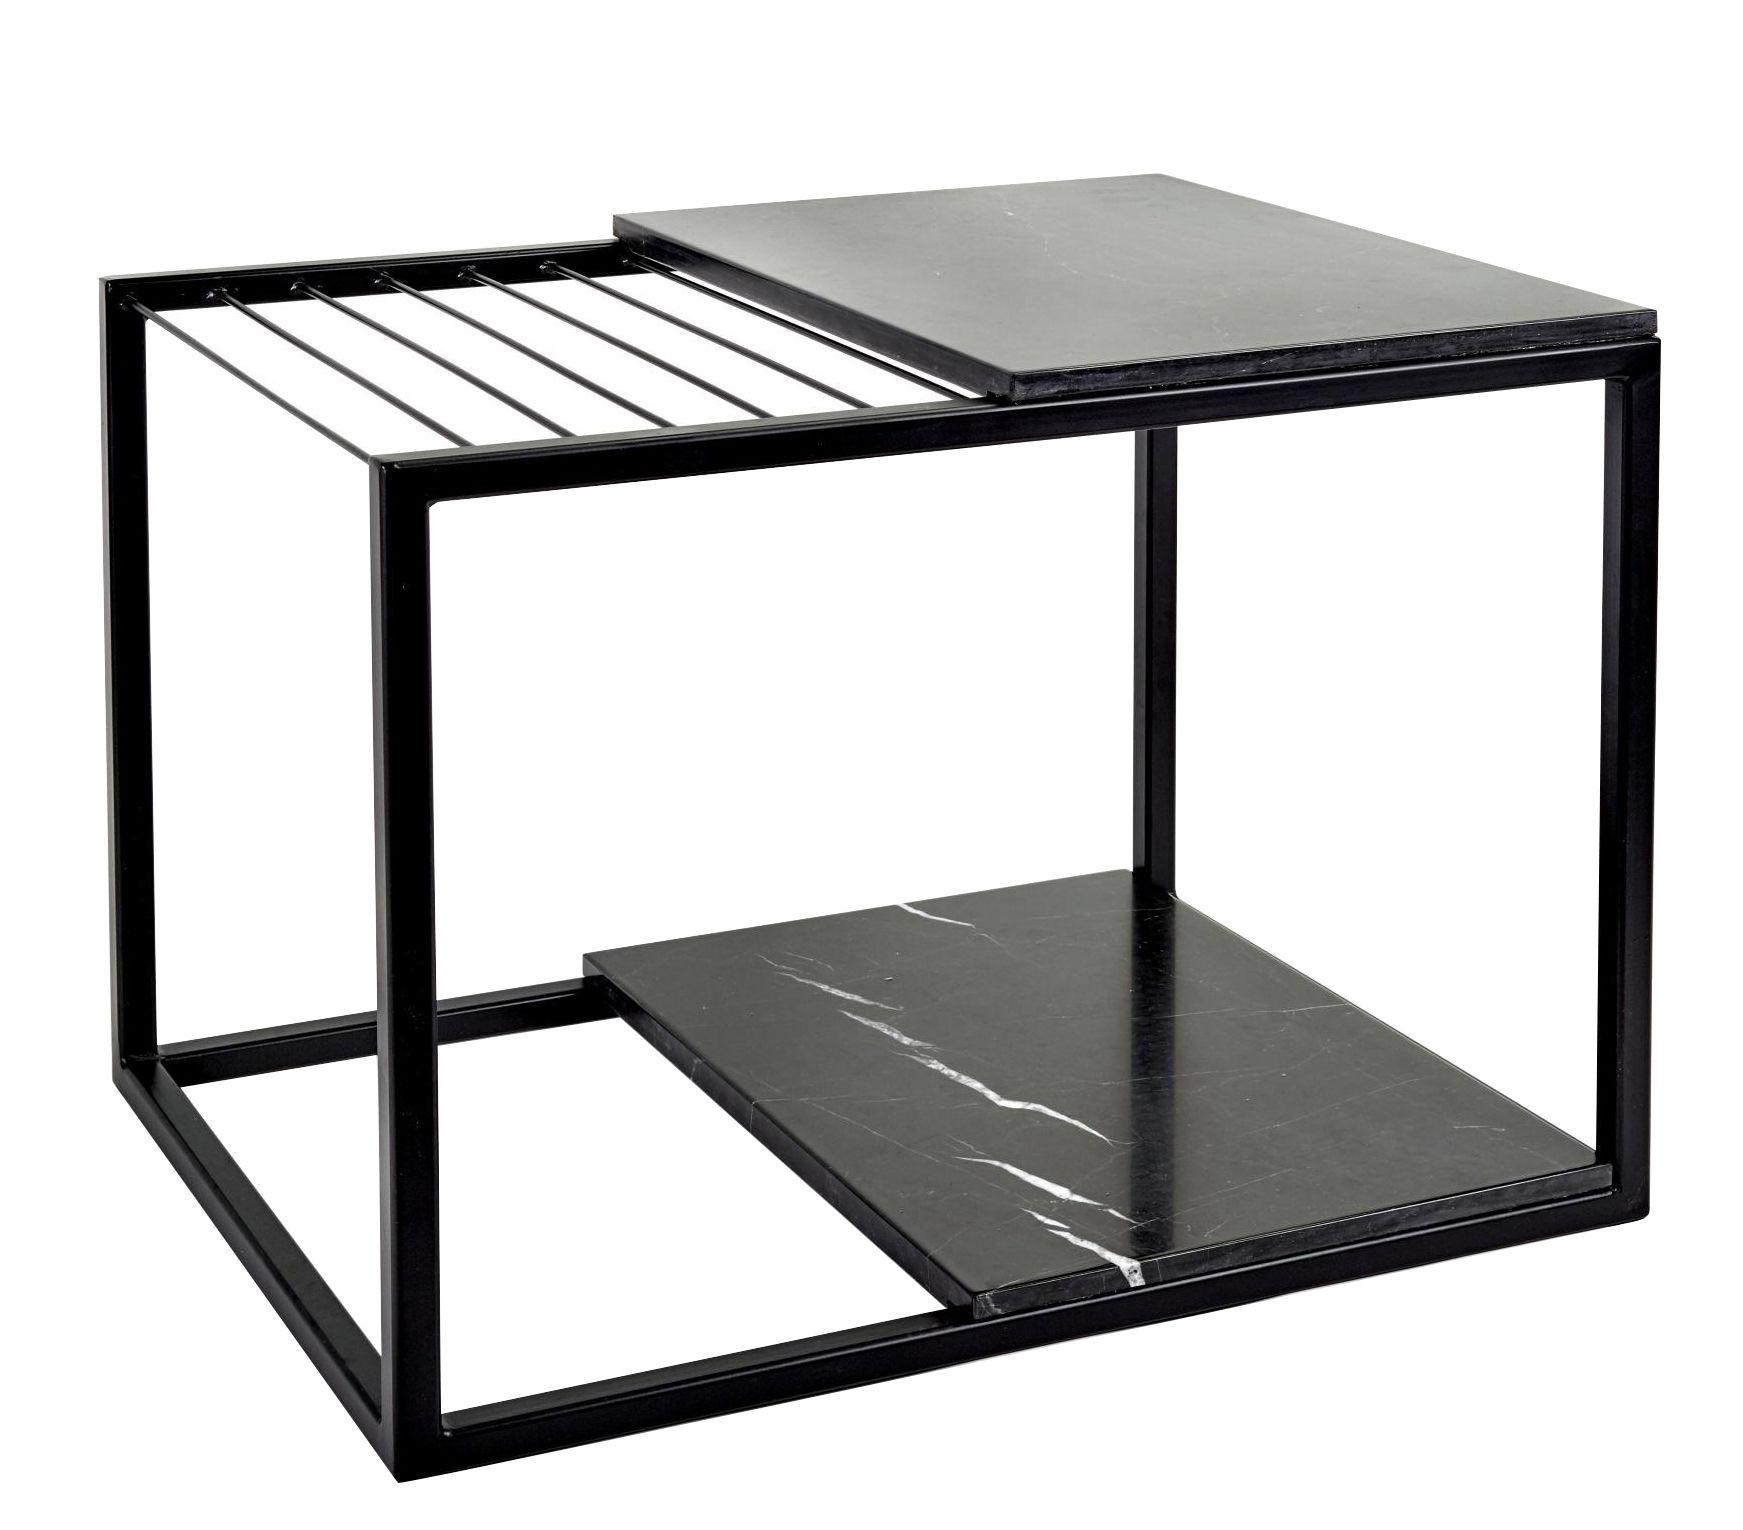 Table d 39 appoint hang it large porte magazines marbre 60 x 47 cm marbre noir structure - Table d appoint marbre ...